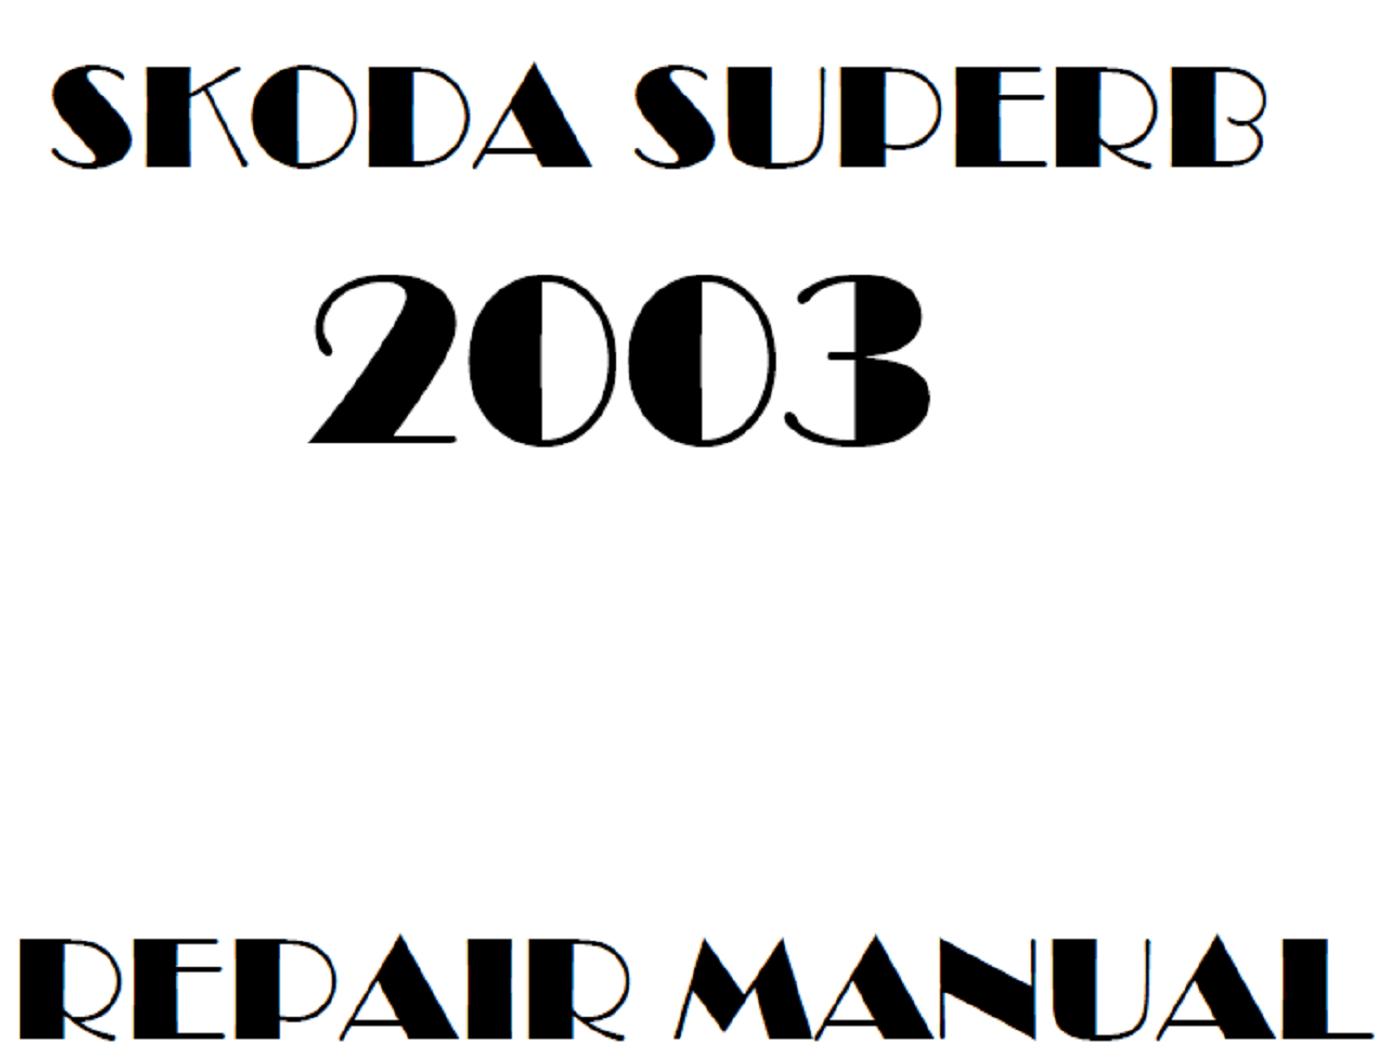 2003 Skoda Superb repair manual